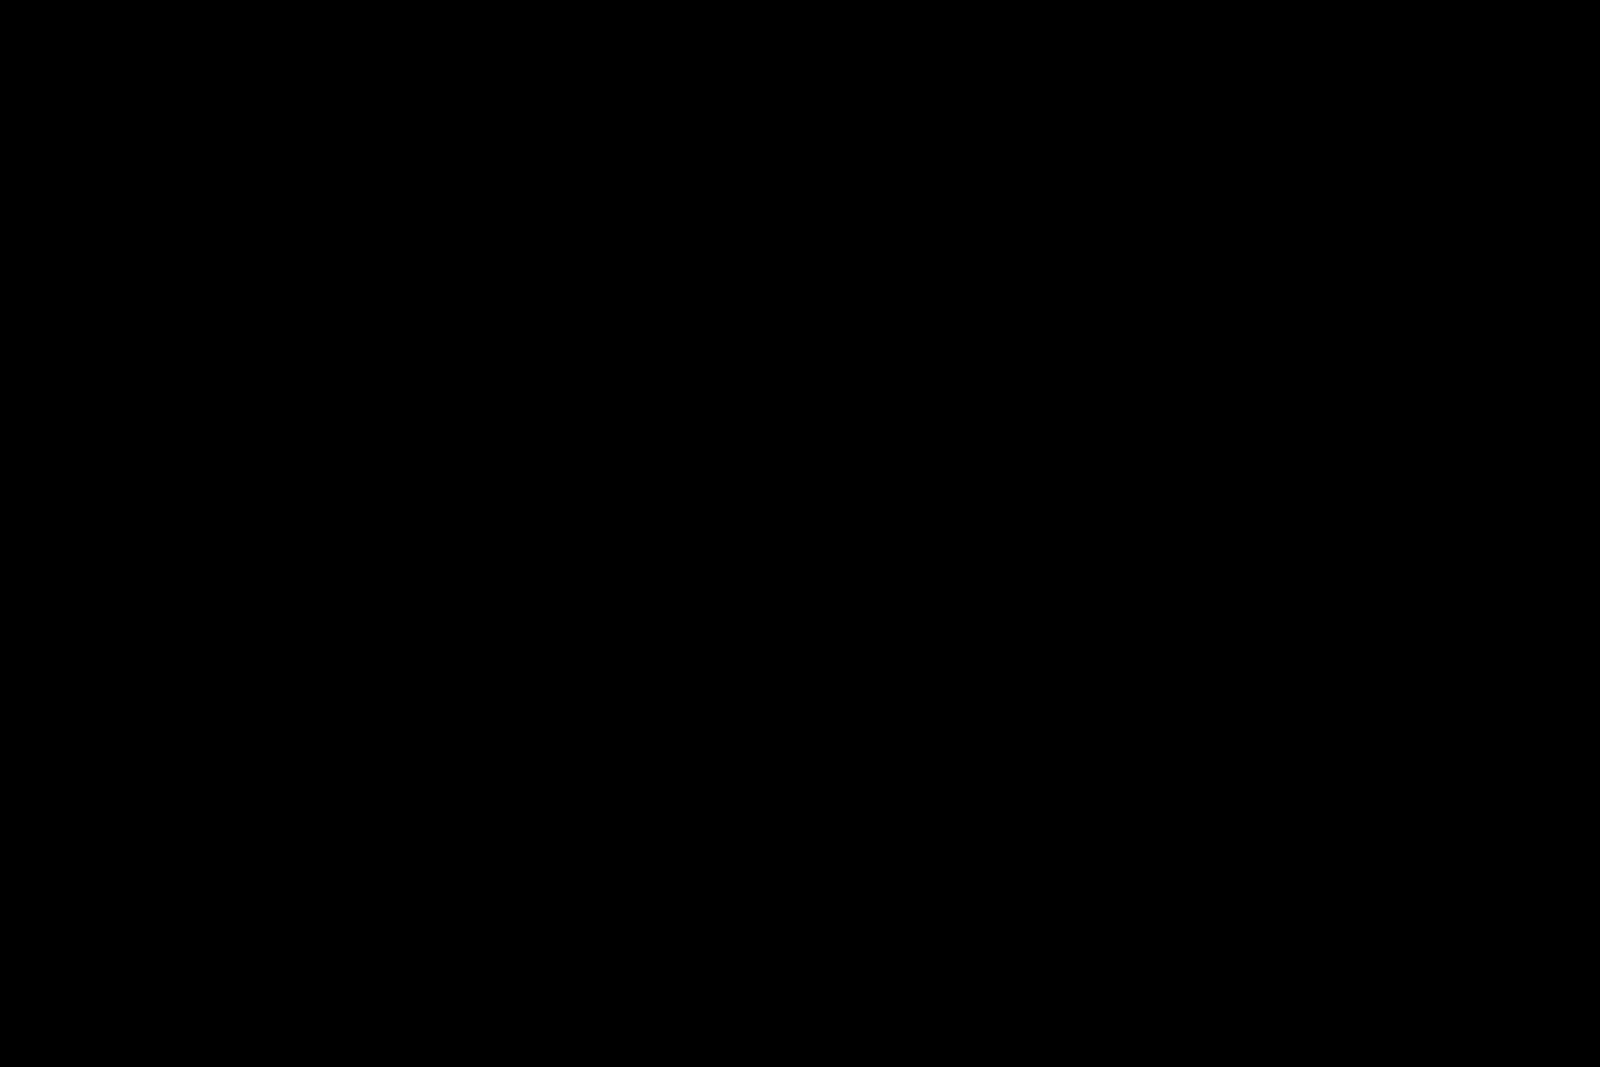 Sony Playstation 3 Slim Logo